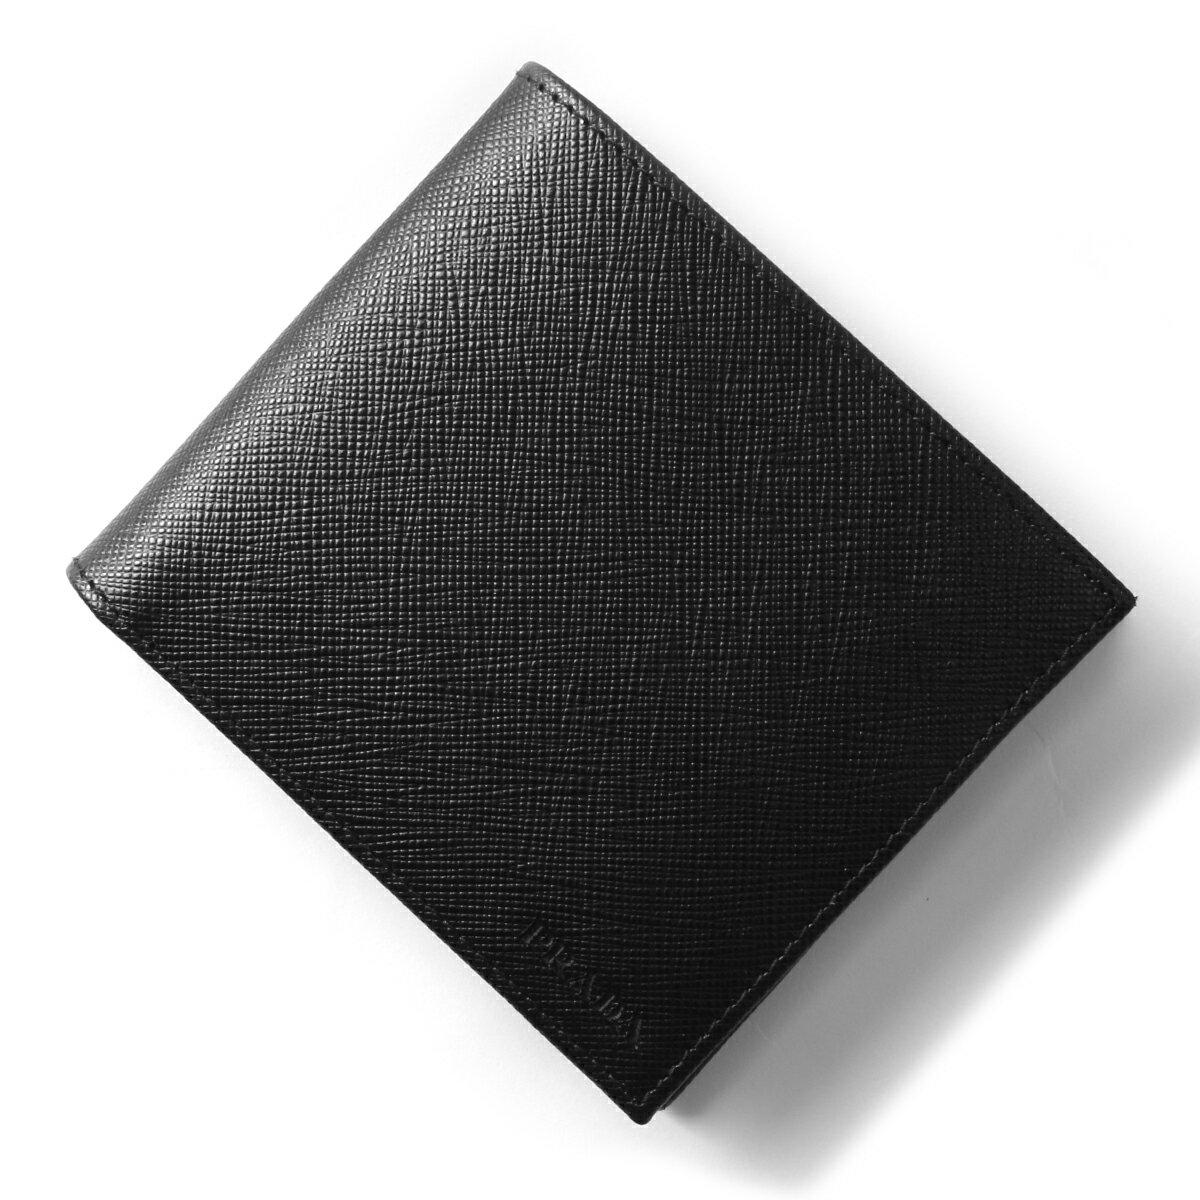 プラダ 二つ折り財布 財布 メンズ SAFFIANO 1 ブラック 2MO738 PN9 F0002 PRADA